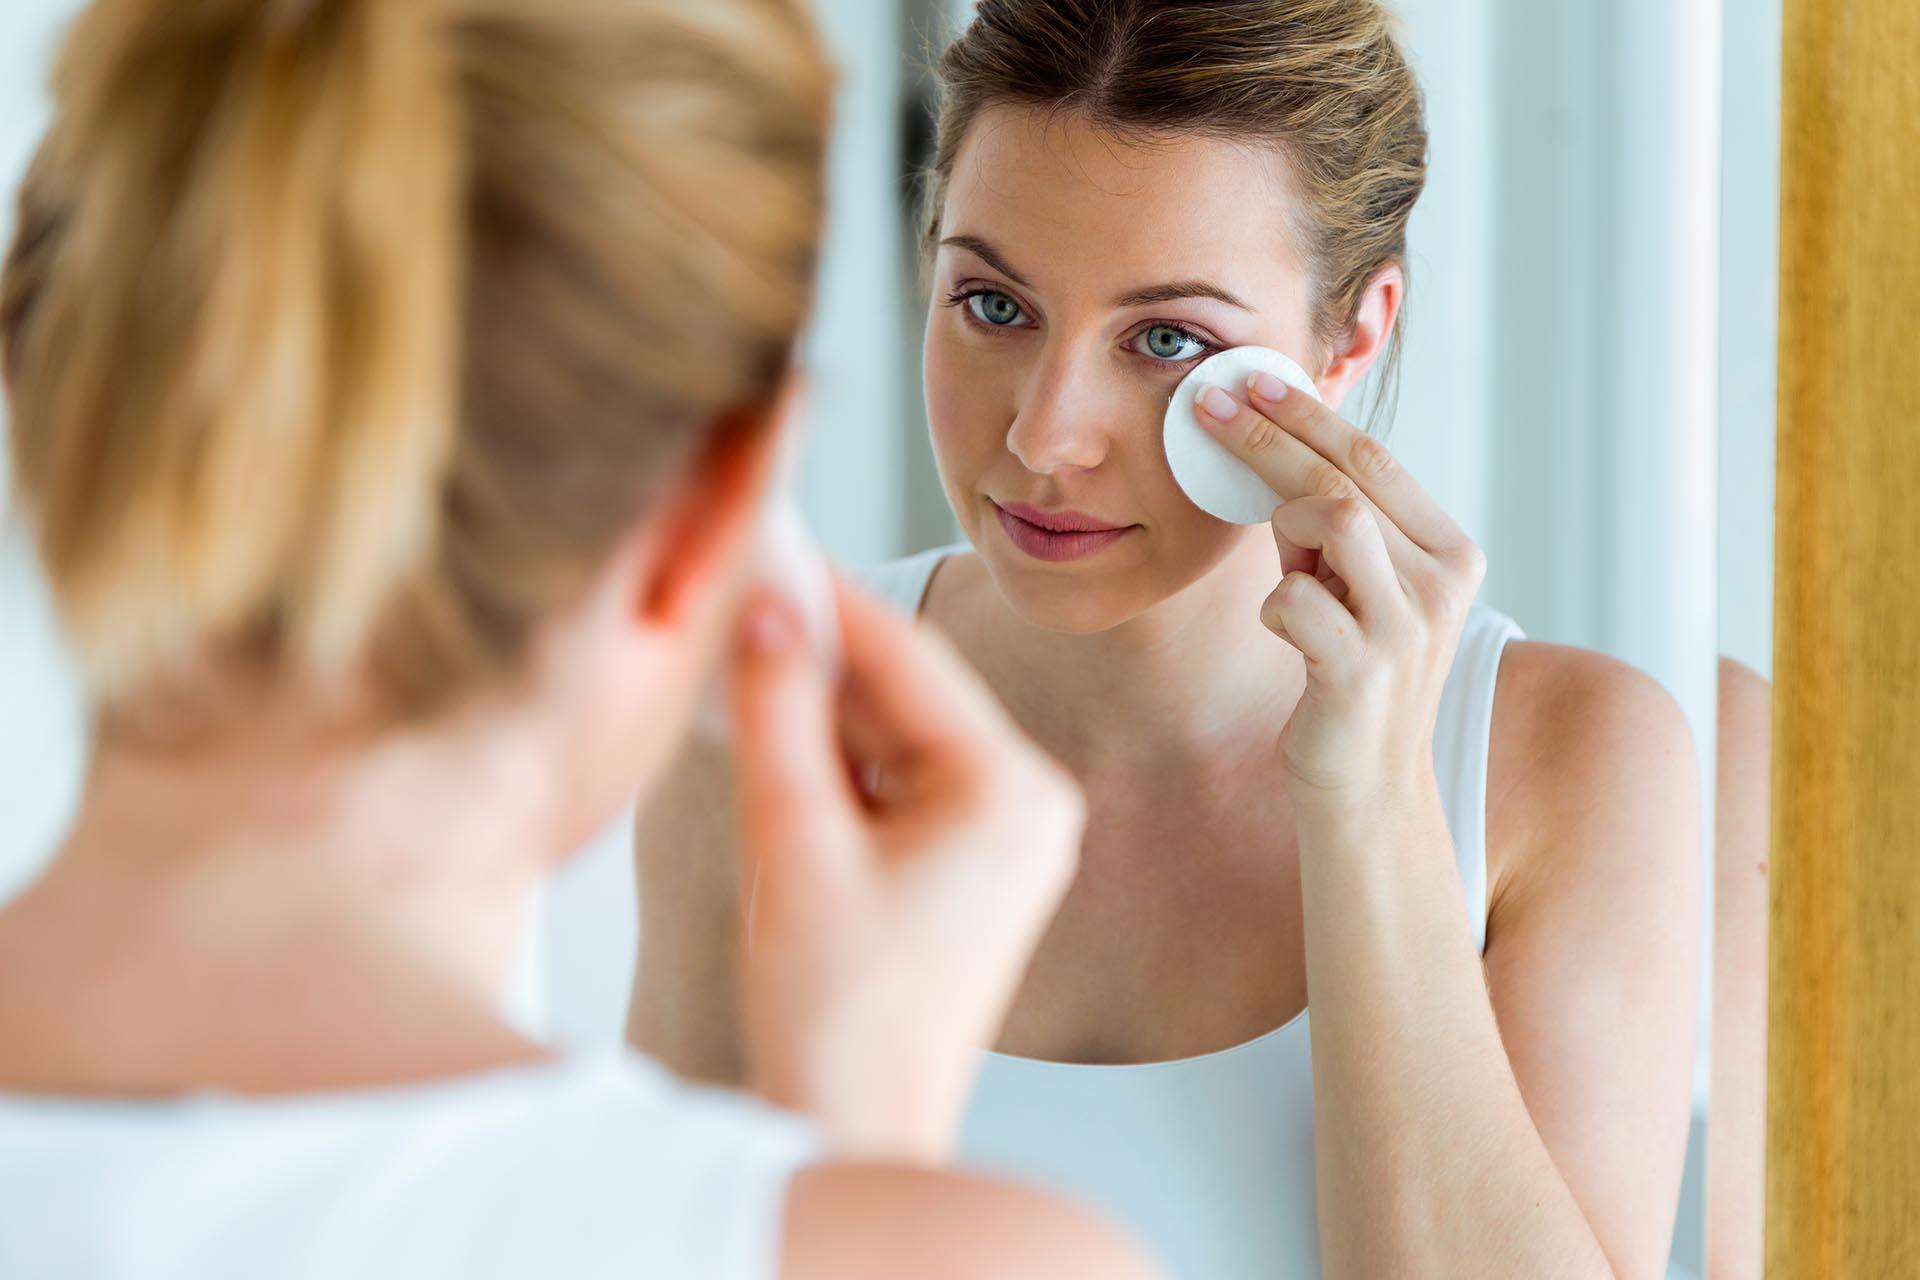 Agua micelar, toallitas o crema: cuál es el mejor método para sacar el maquillaje del rostro (Getty Images)